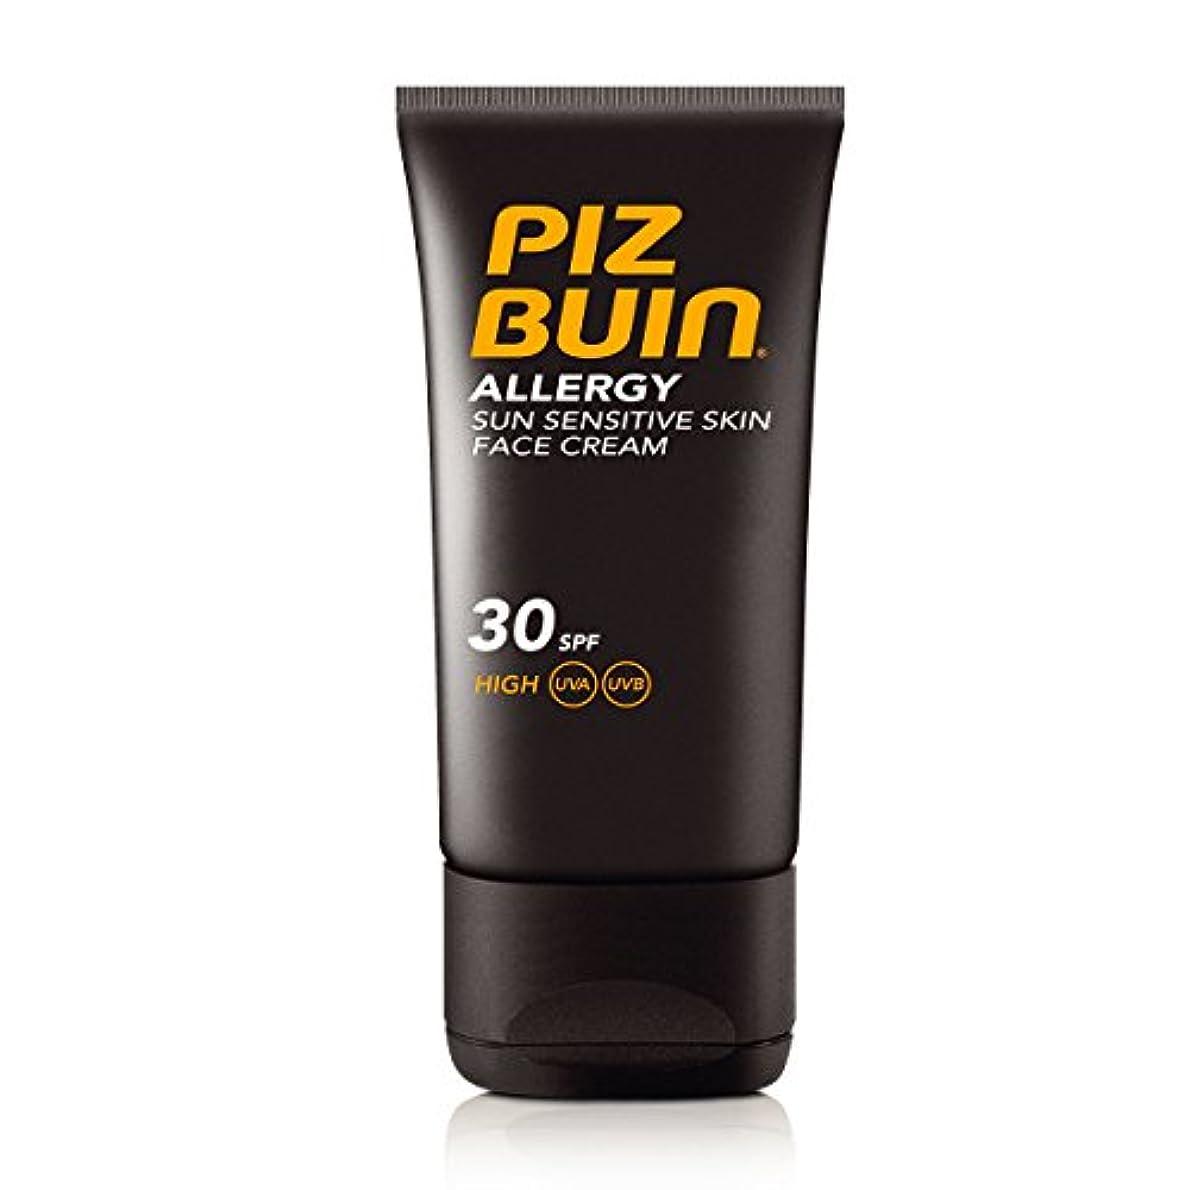 略す学ぶ強風Piz Buin Allergy Sensitive Face Spf 30 50ml [並行輸入品]